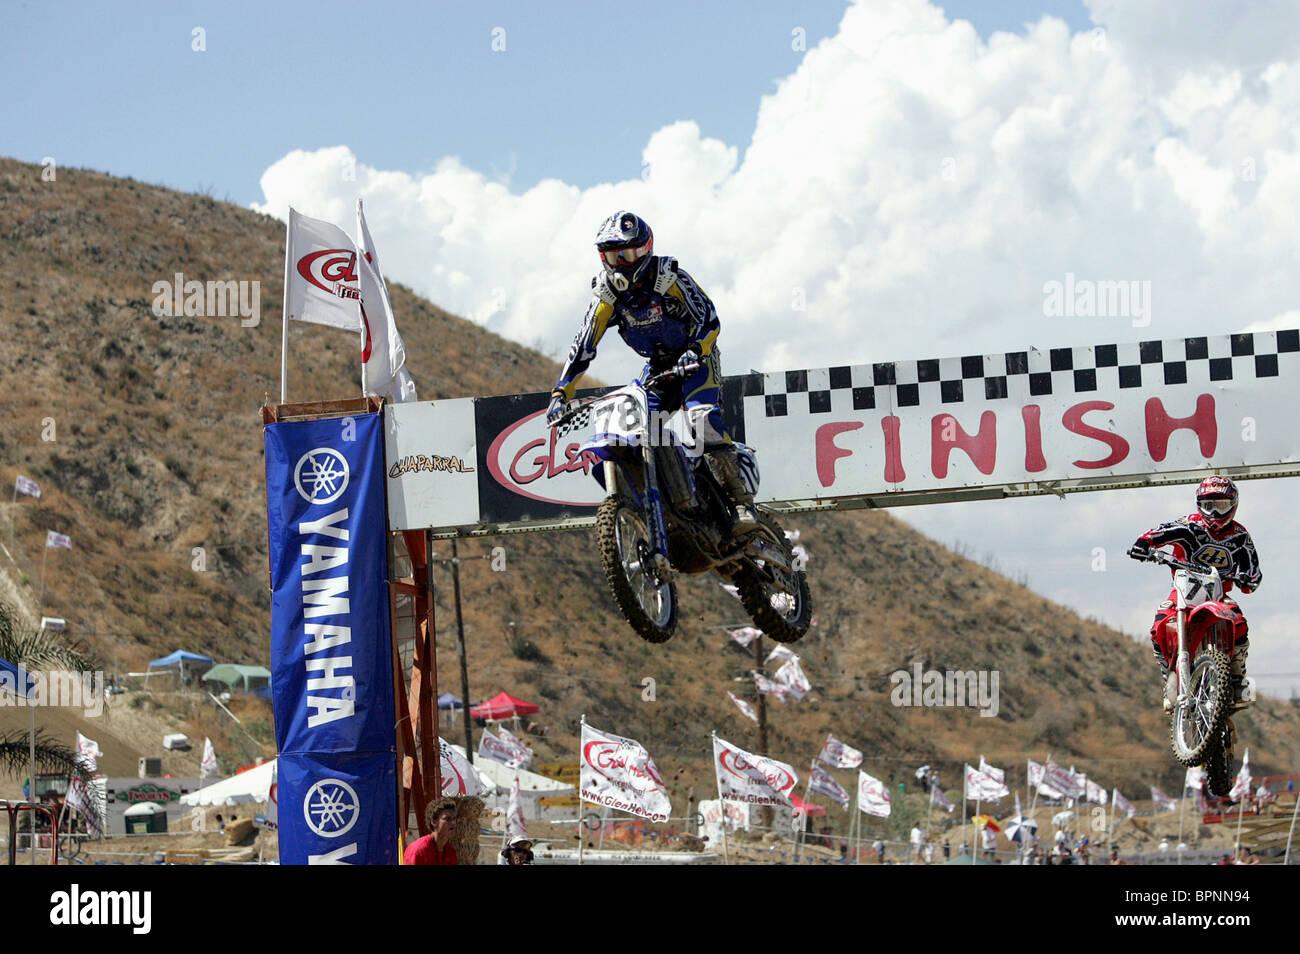 Escena de carreras de motos SUPERCROSS (2005) Foto de stock